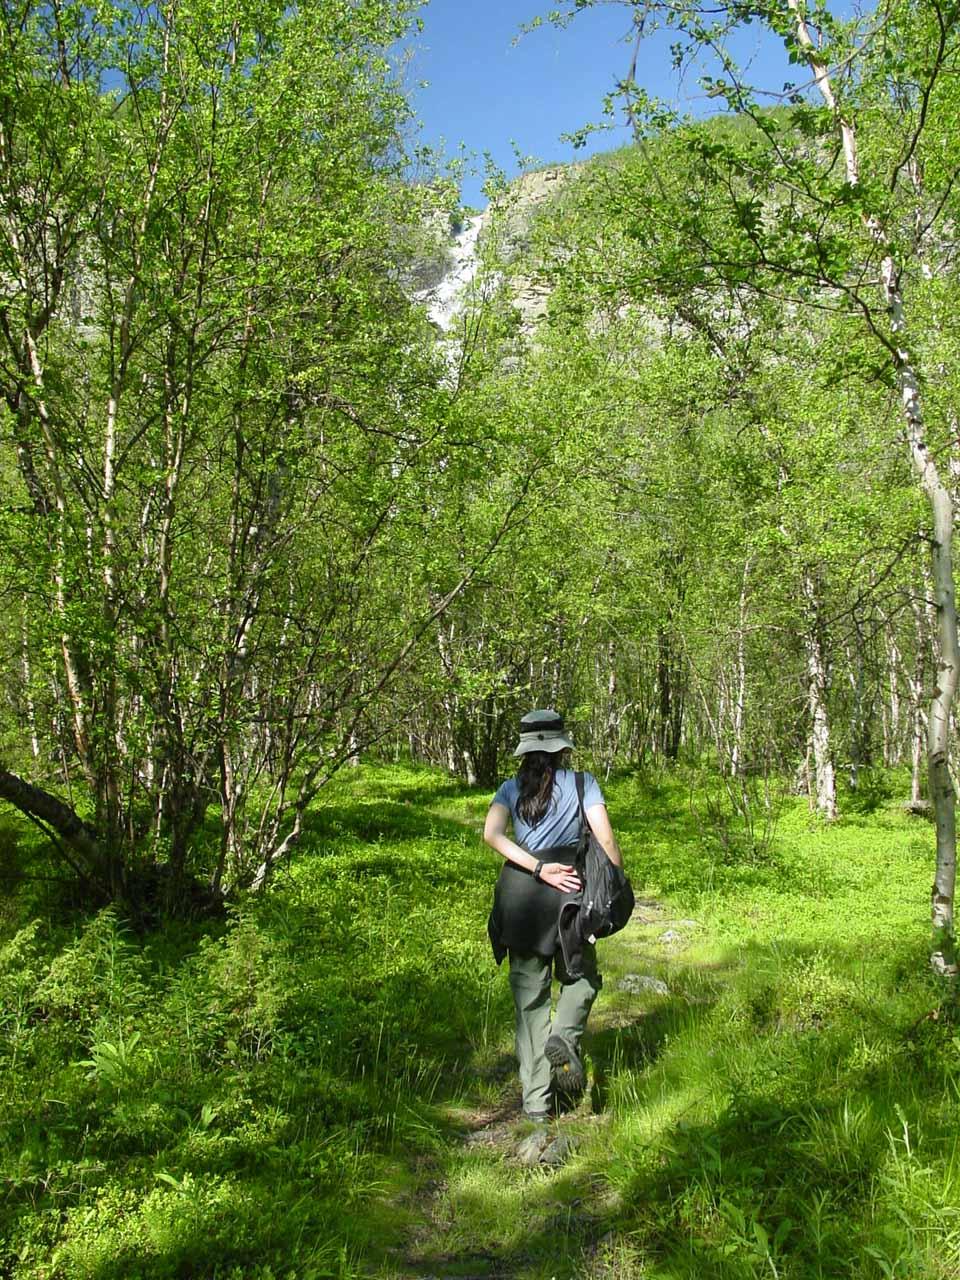 Julie starting the walk to Mollisfossen